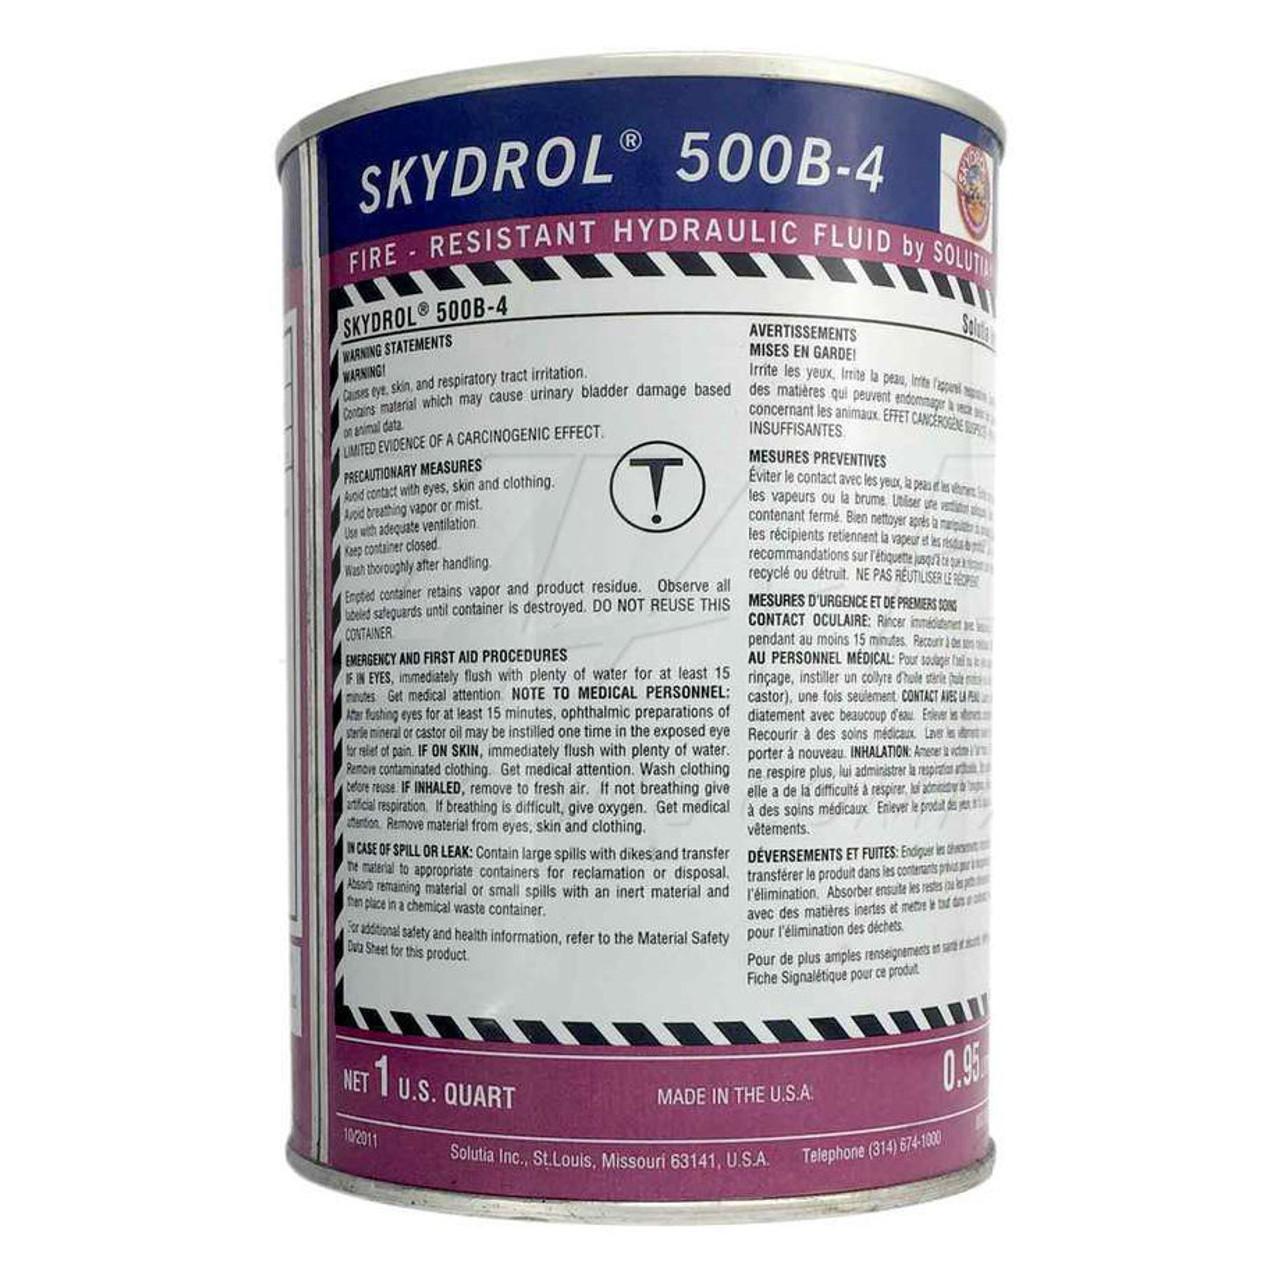 Skydrol 500B-4 Fire Resistant Hydraulic Fluid - 1 Quart Can